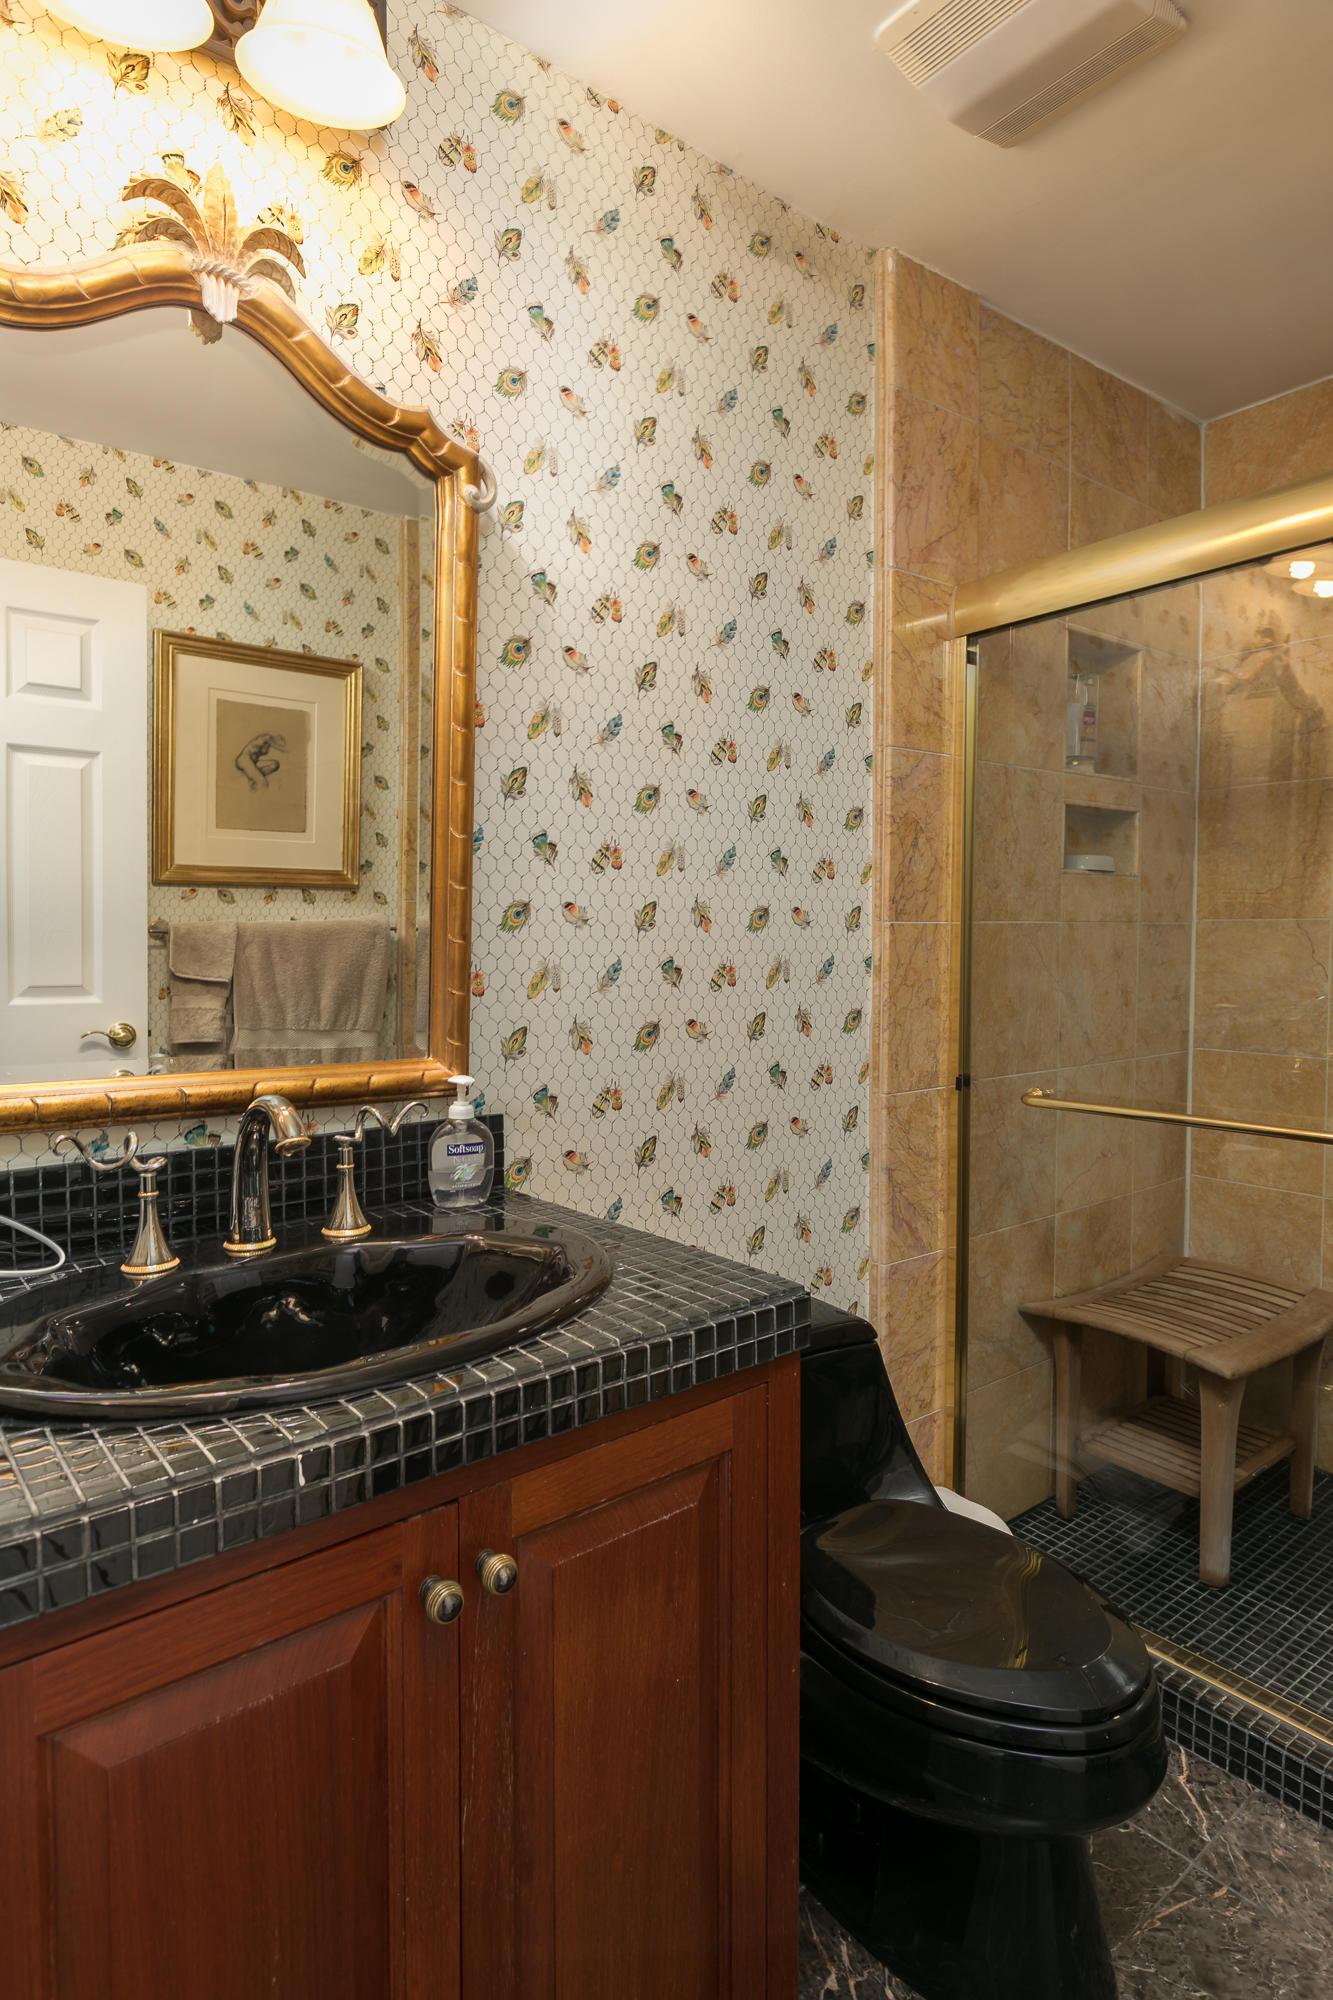 Seabrook Island Homes For Sale - 3640 Pompano, Seabrook Island, SC - 35